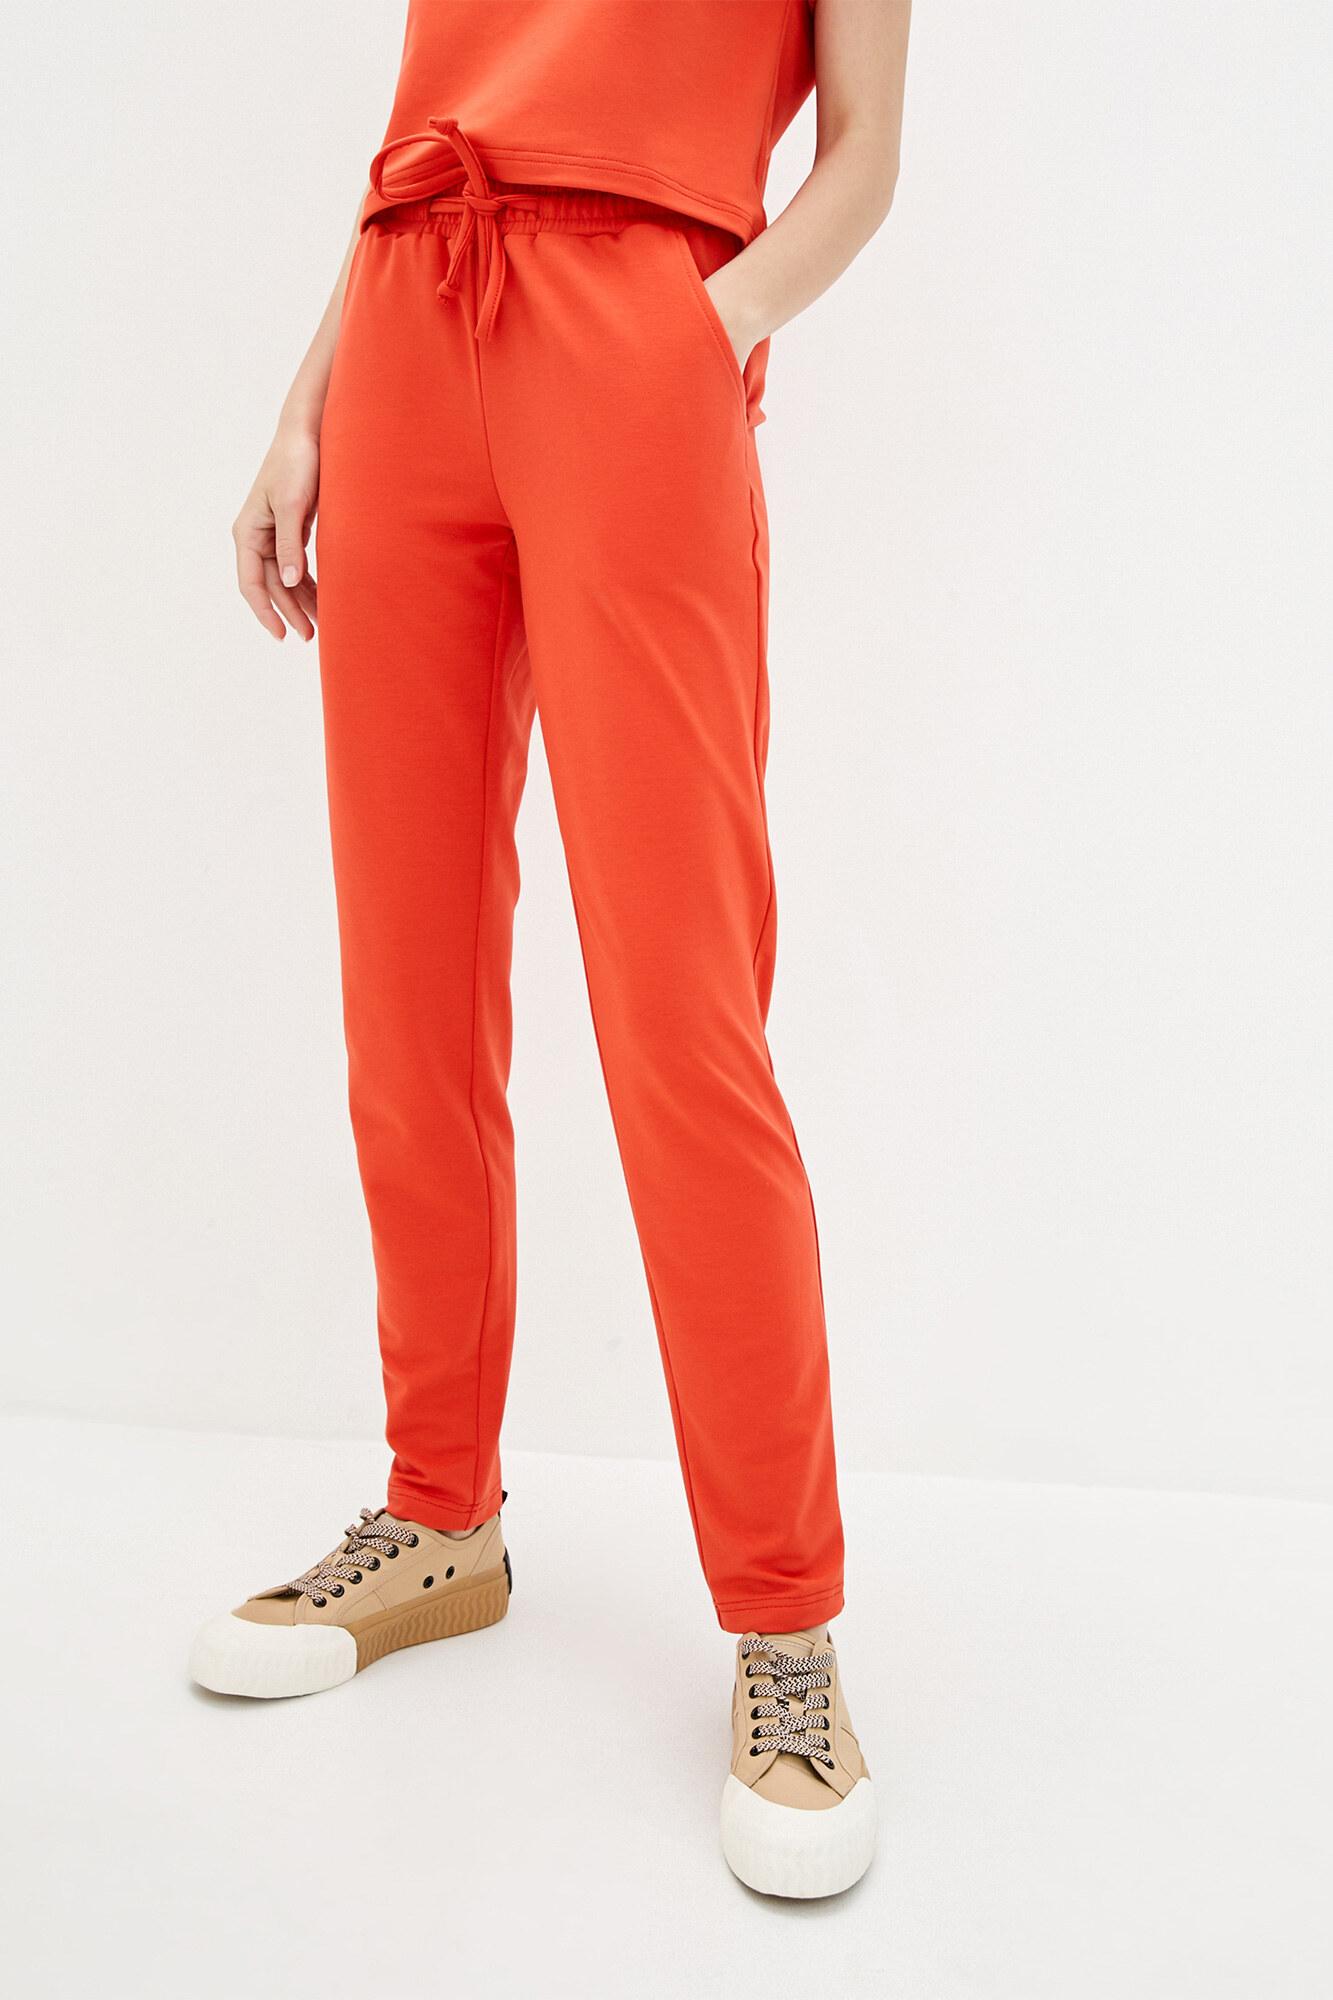 Хлопковые спортивные штаны кирпичного цвета на завязках GEN